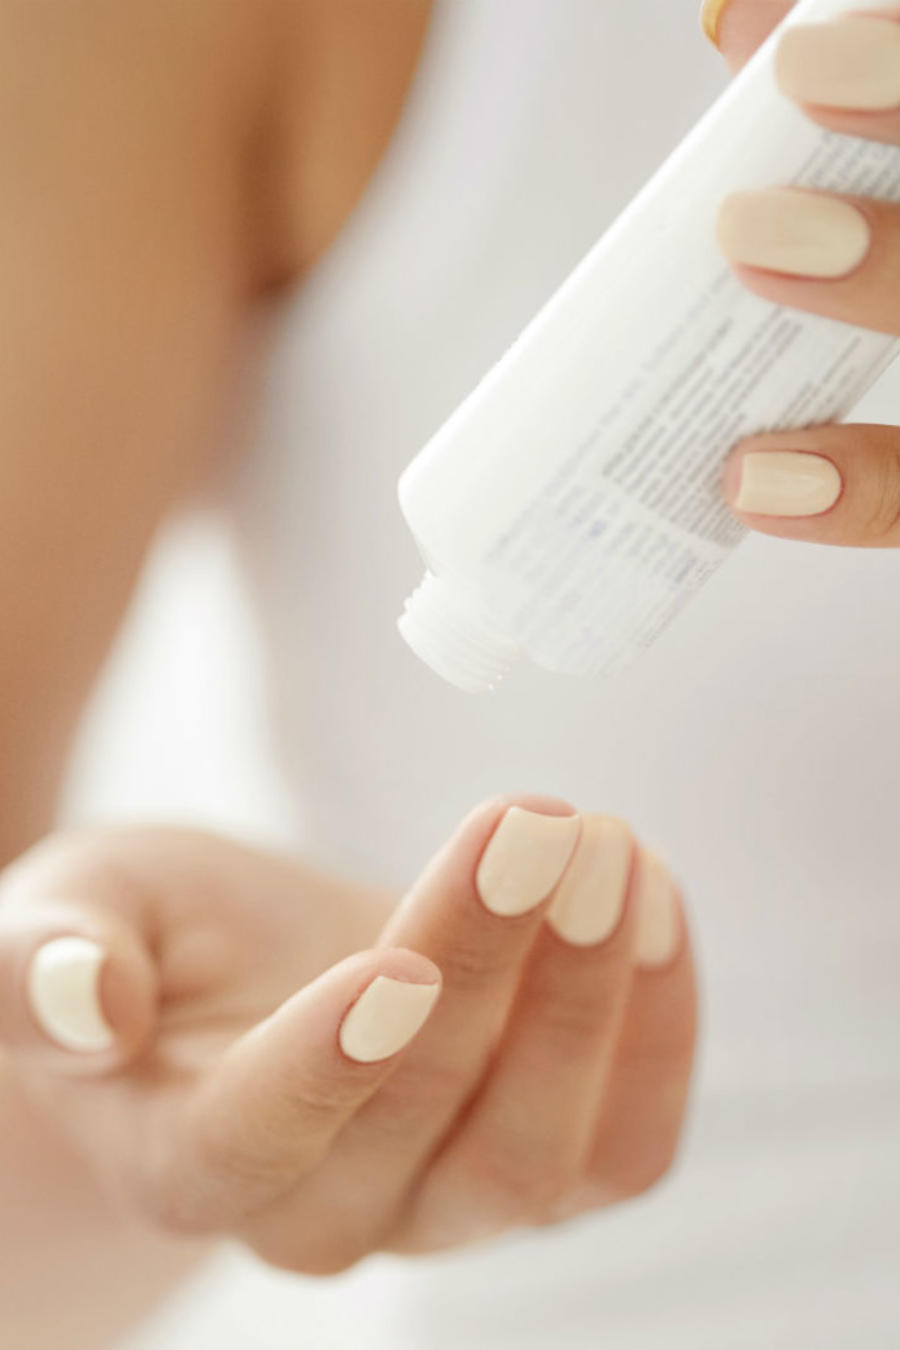 Mujer aplicándose crema de manos